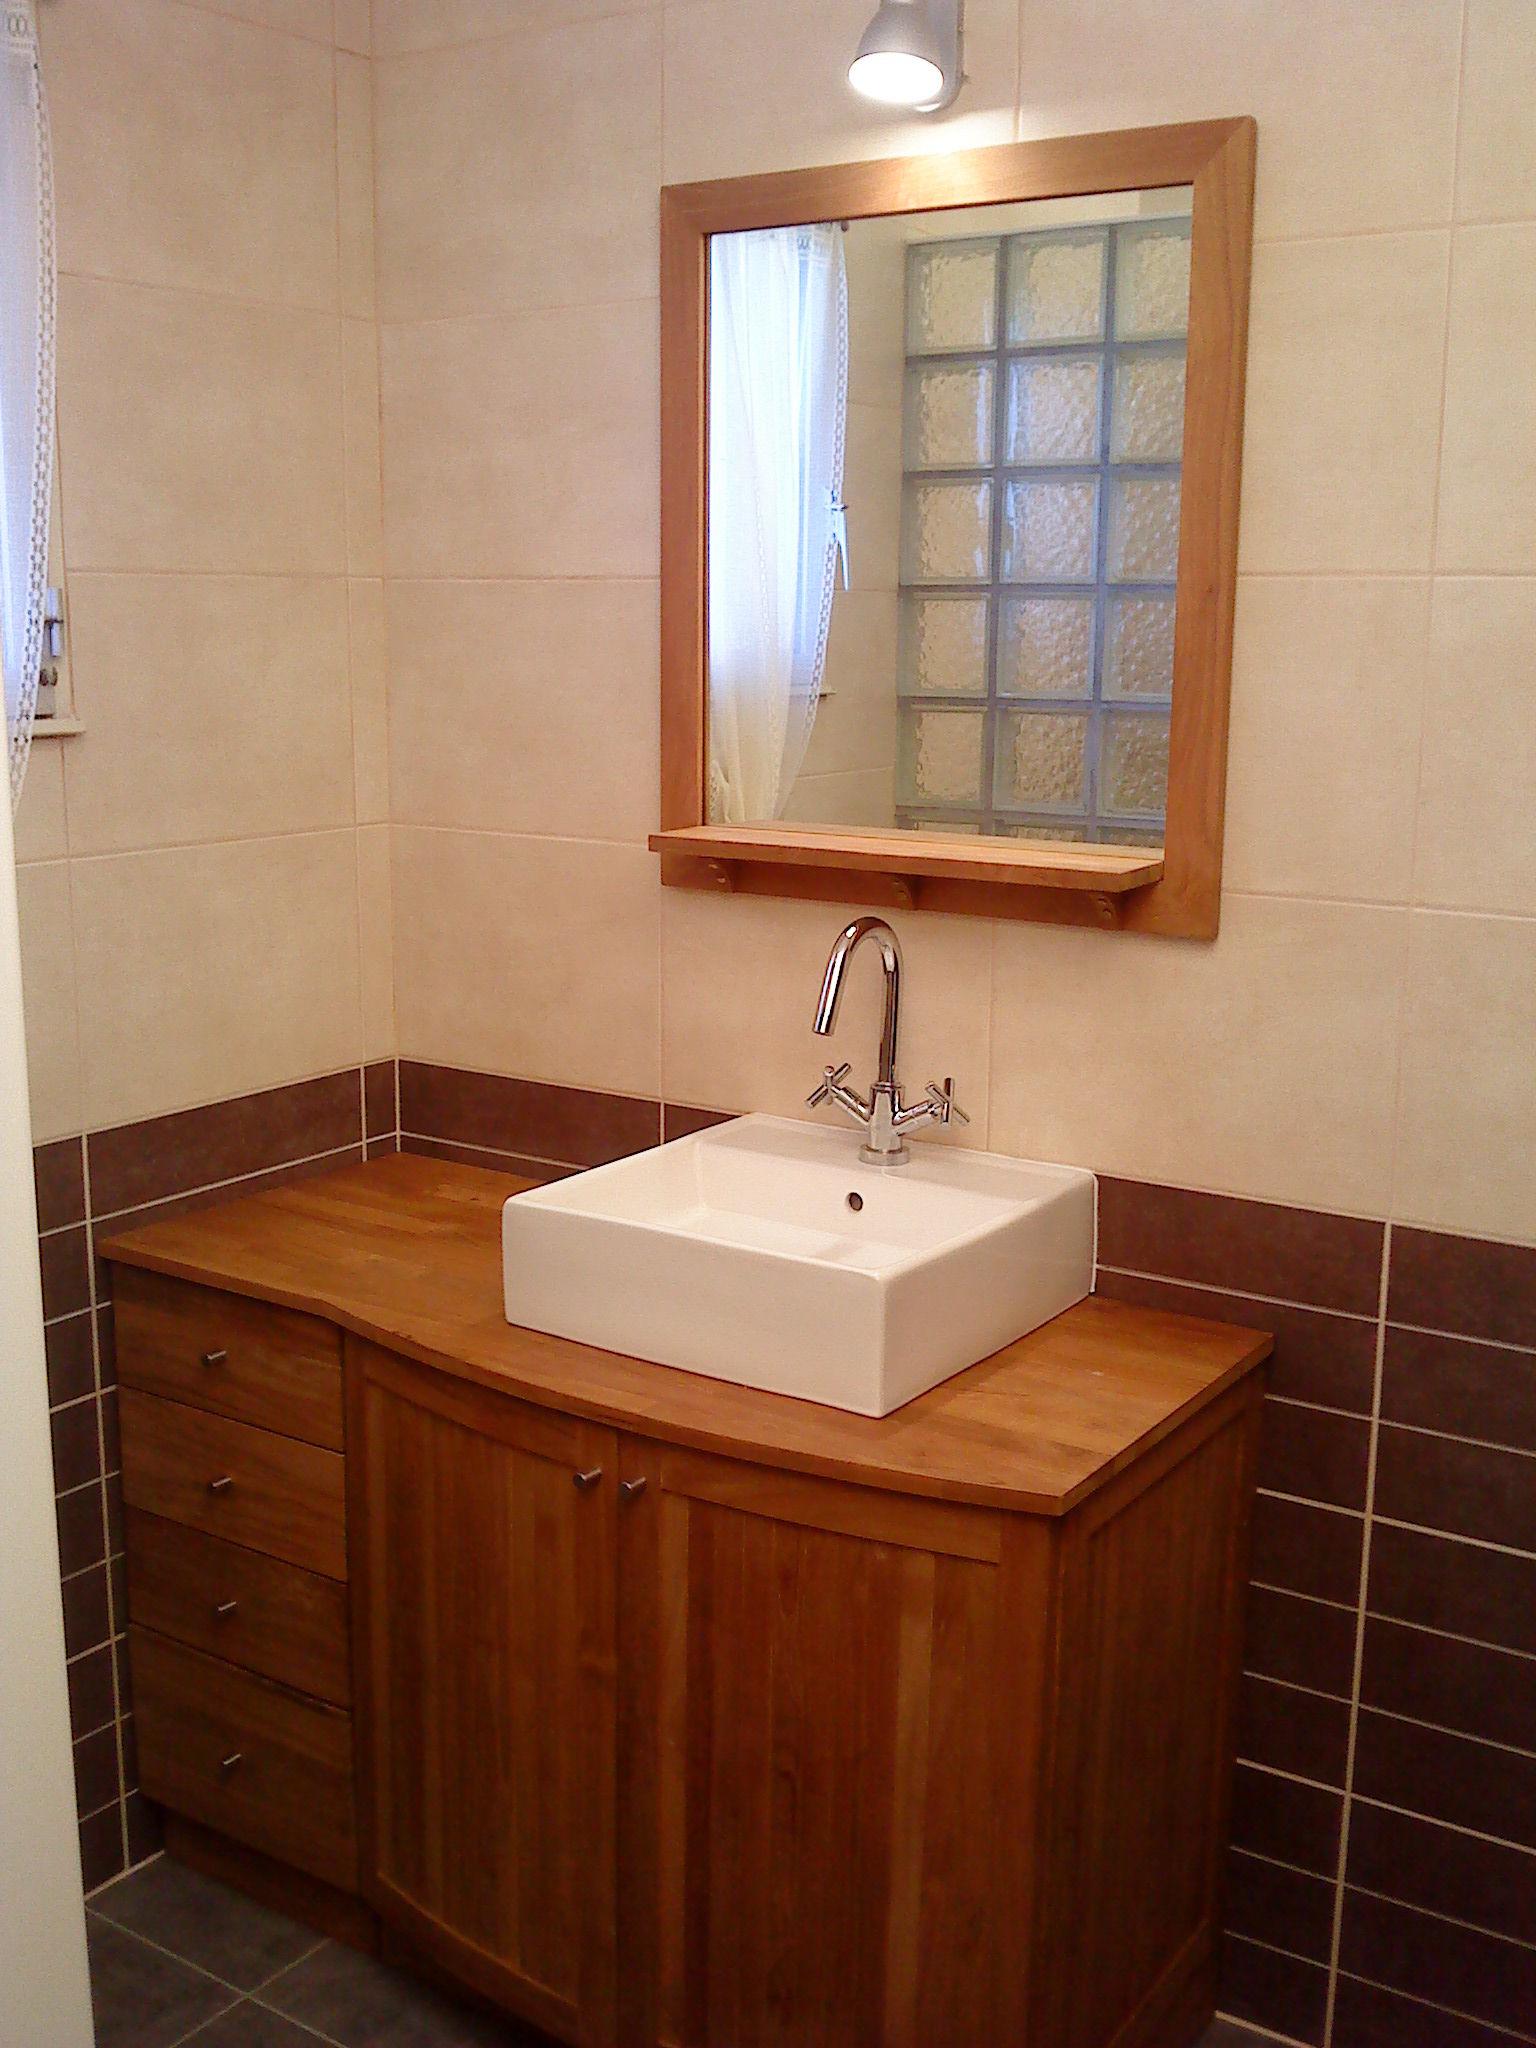 dsc03741 photo de salle d 39 eau douche l 39 italienne et wc soci t adm travaux de r novation. Black Bedroom Furniture Sets. Home Design Ideas